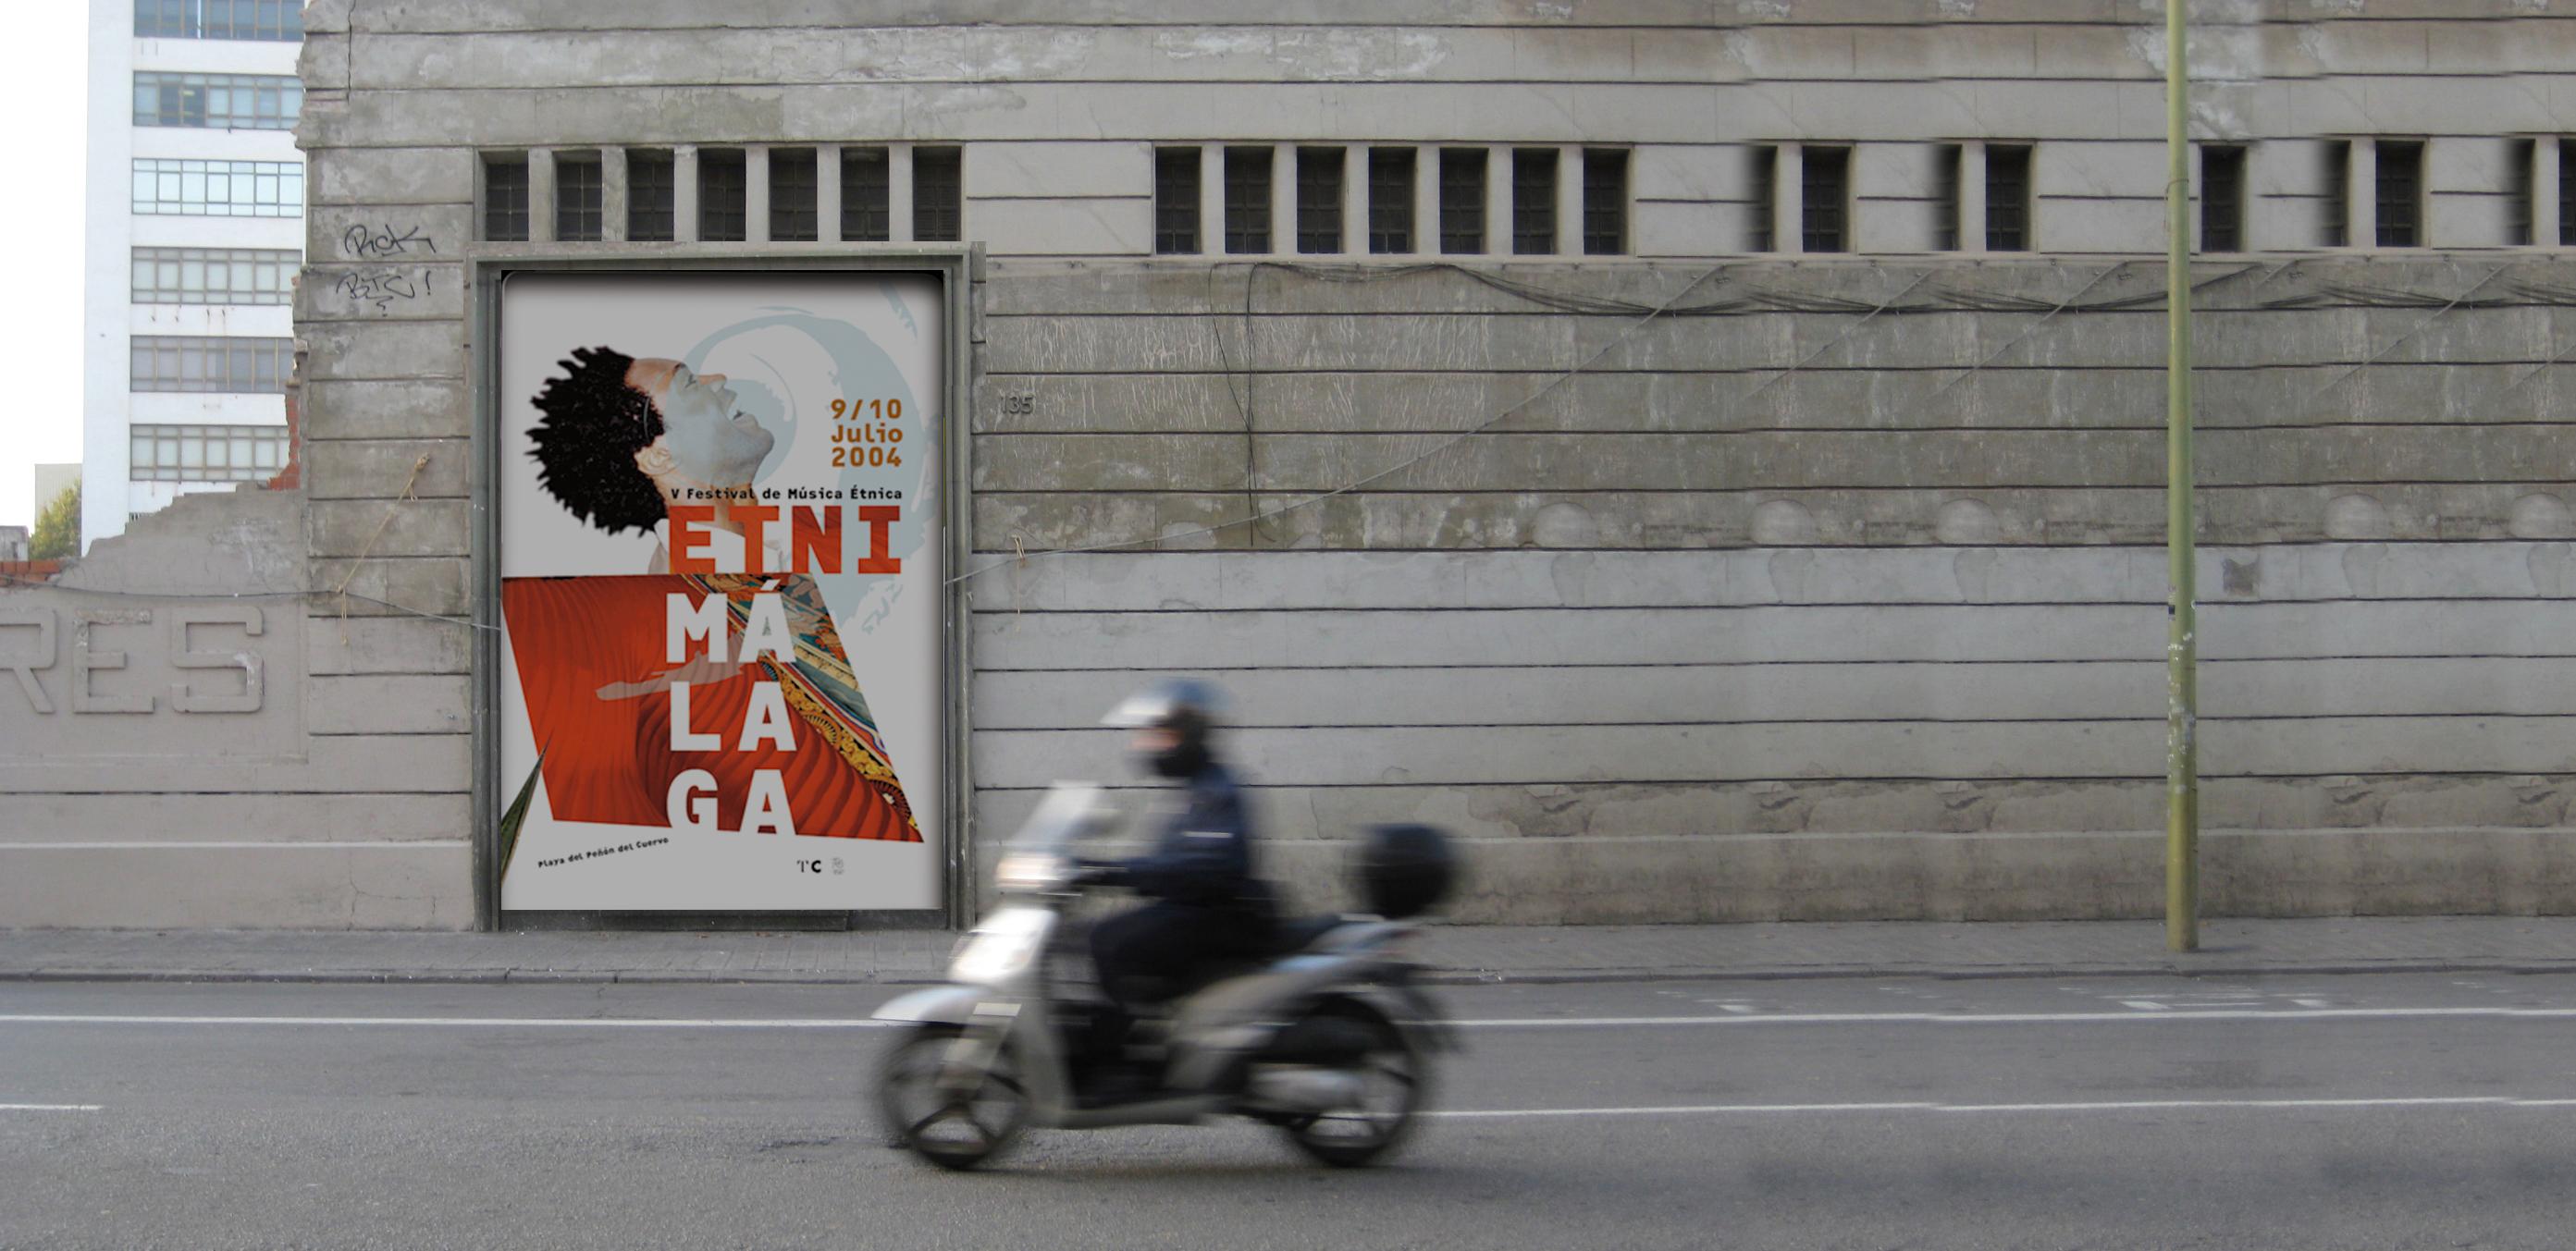 etni malaga poster, dunkel